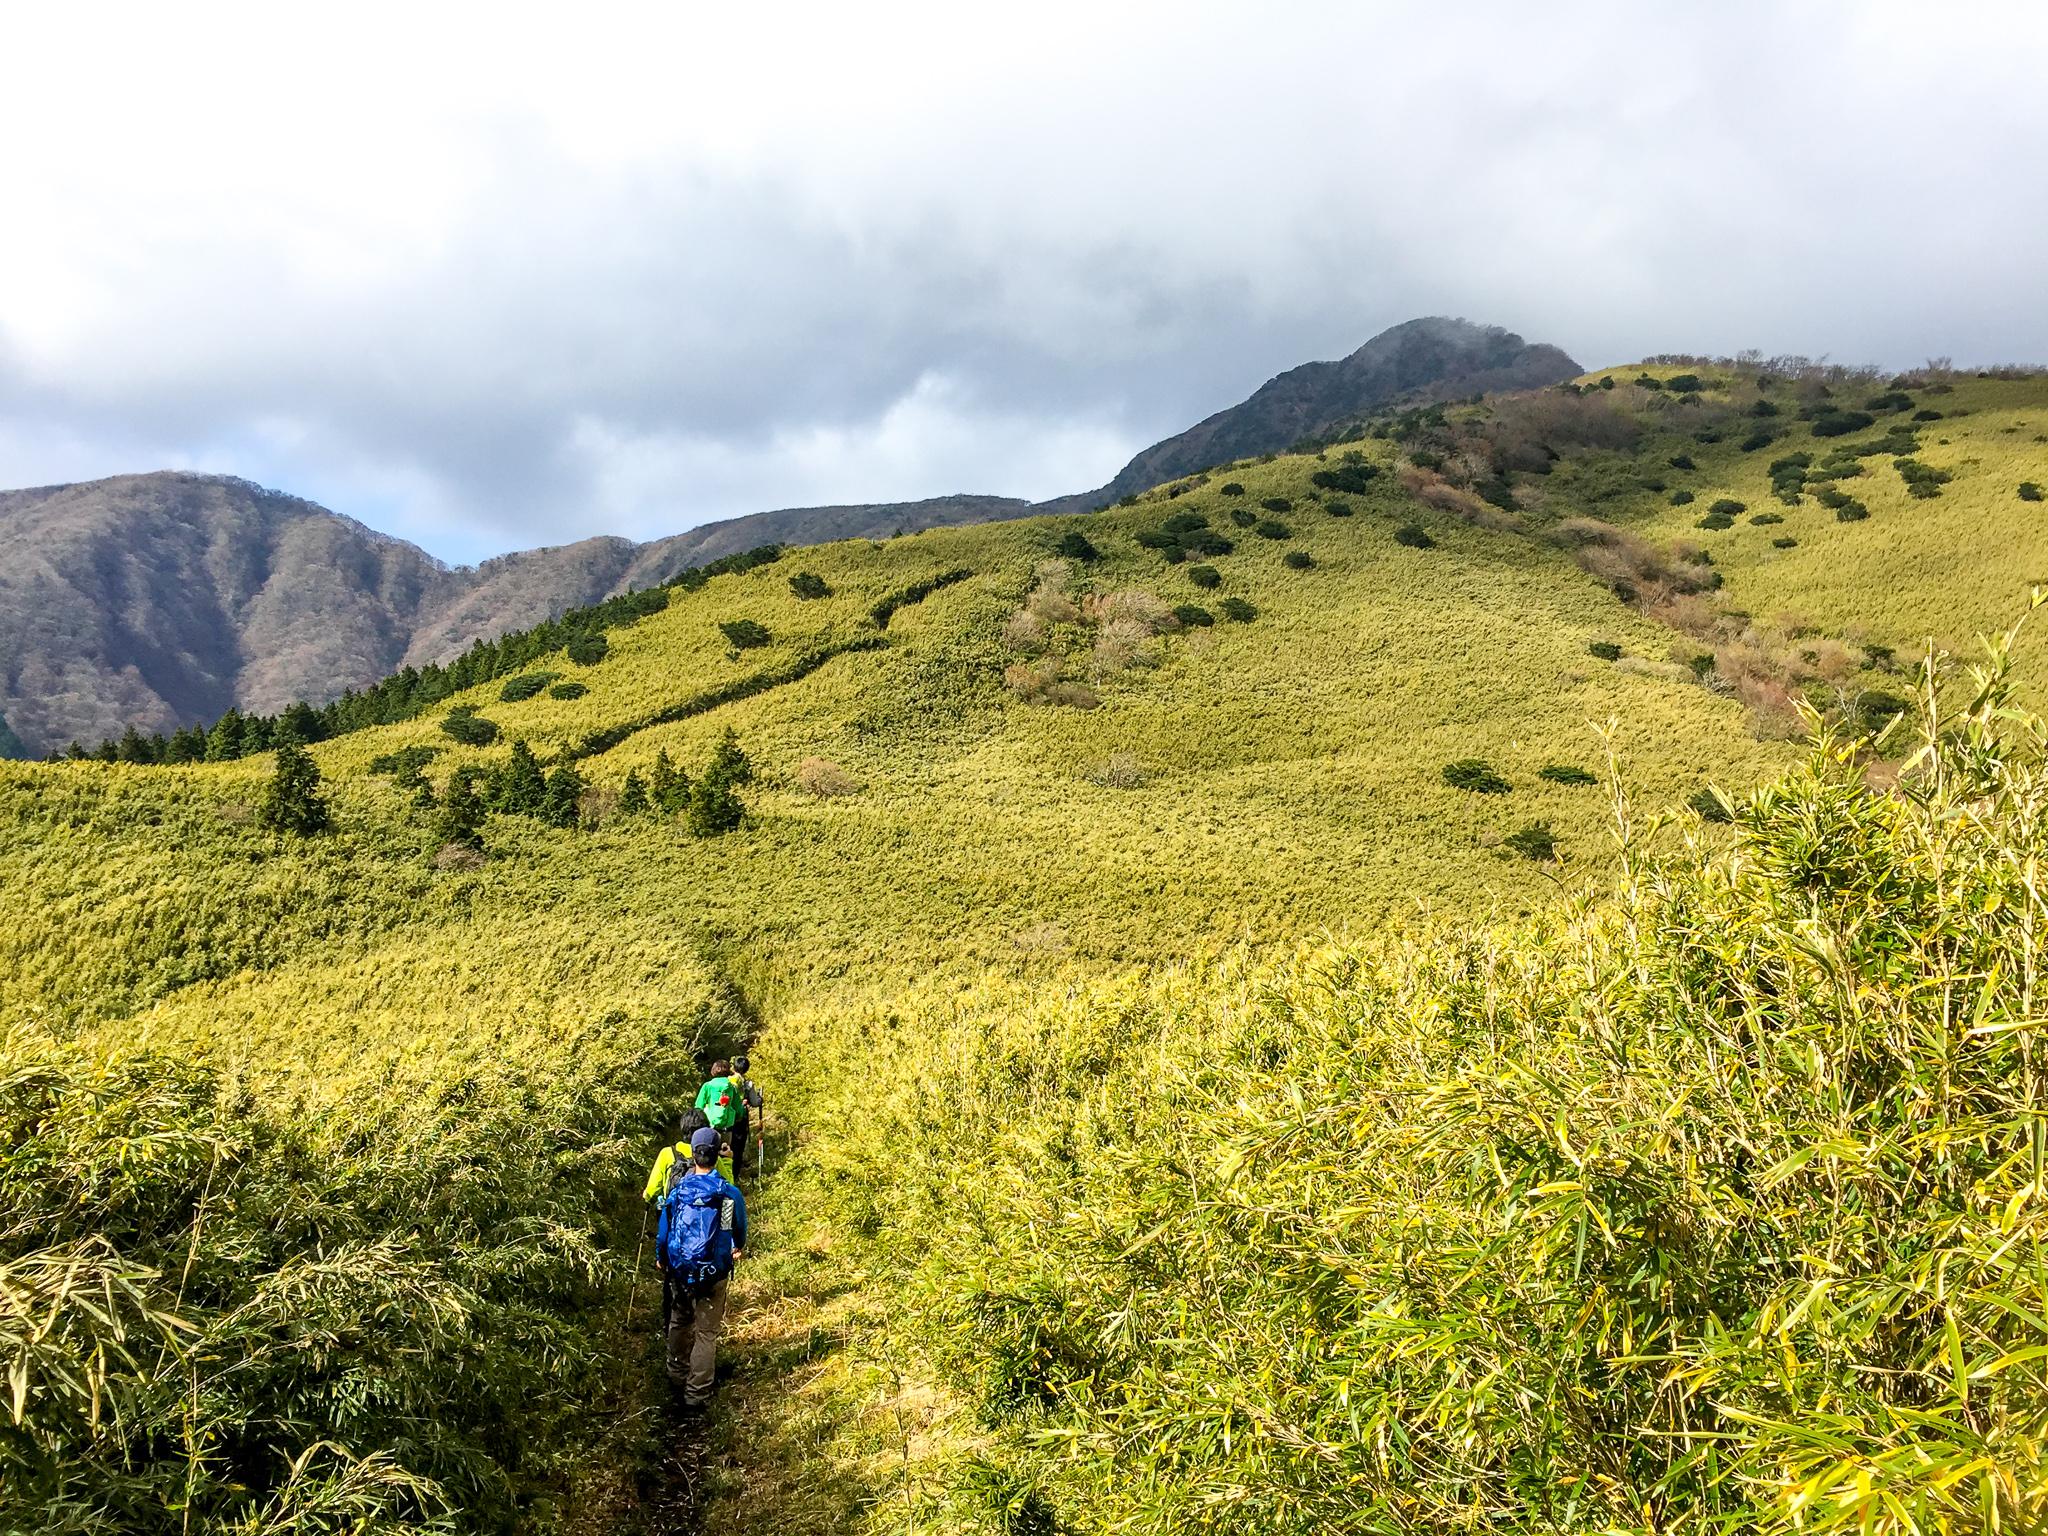 金時山・明神ヶ岳から金時山へ・どんどん進んでいきましょう